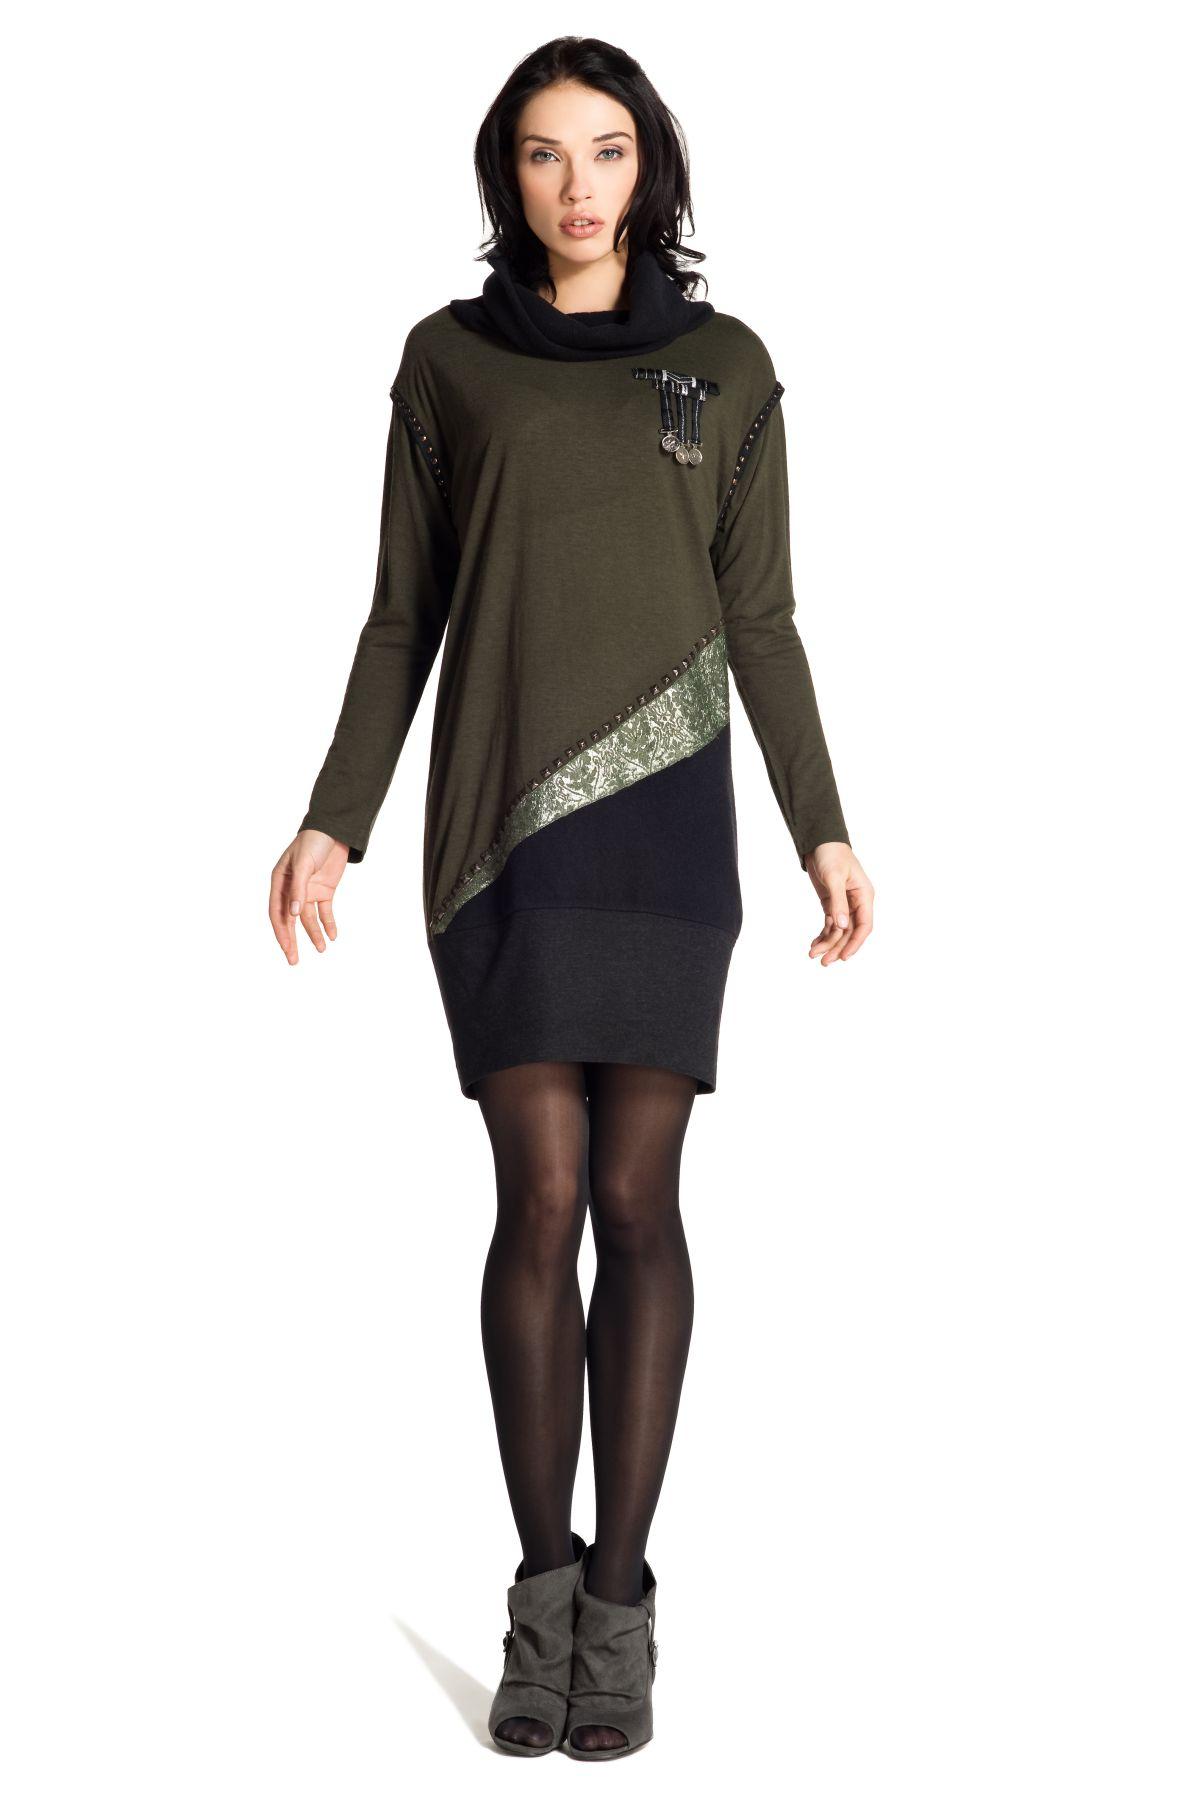 magasin en ligne 9b366 95739 Robe en laine manche longue, mode officier. René Derhy